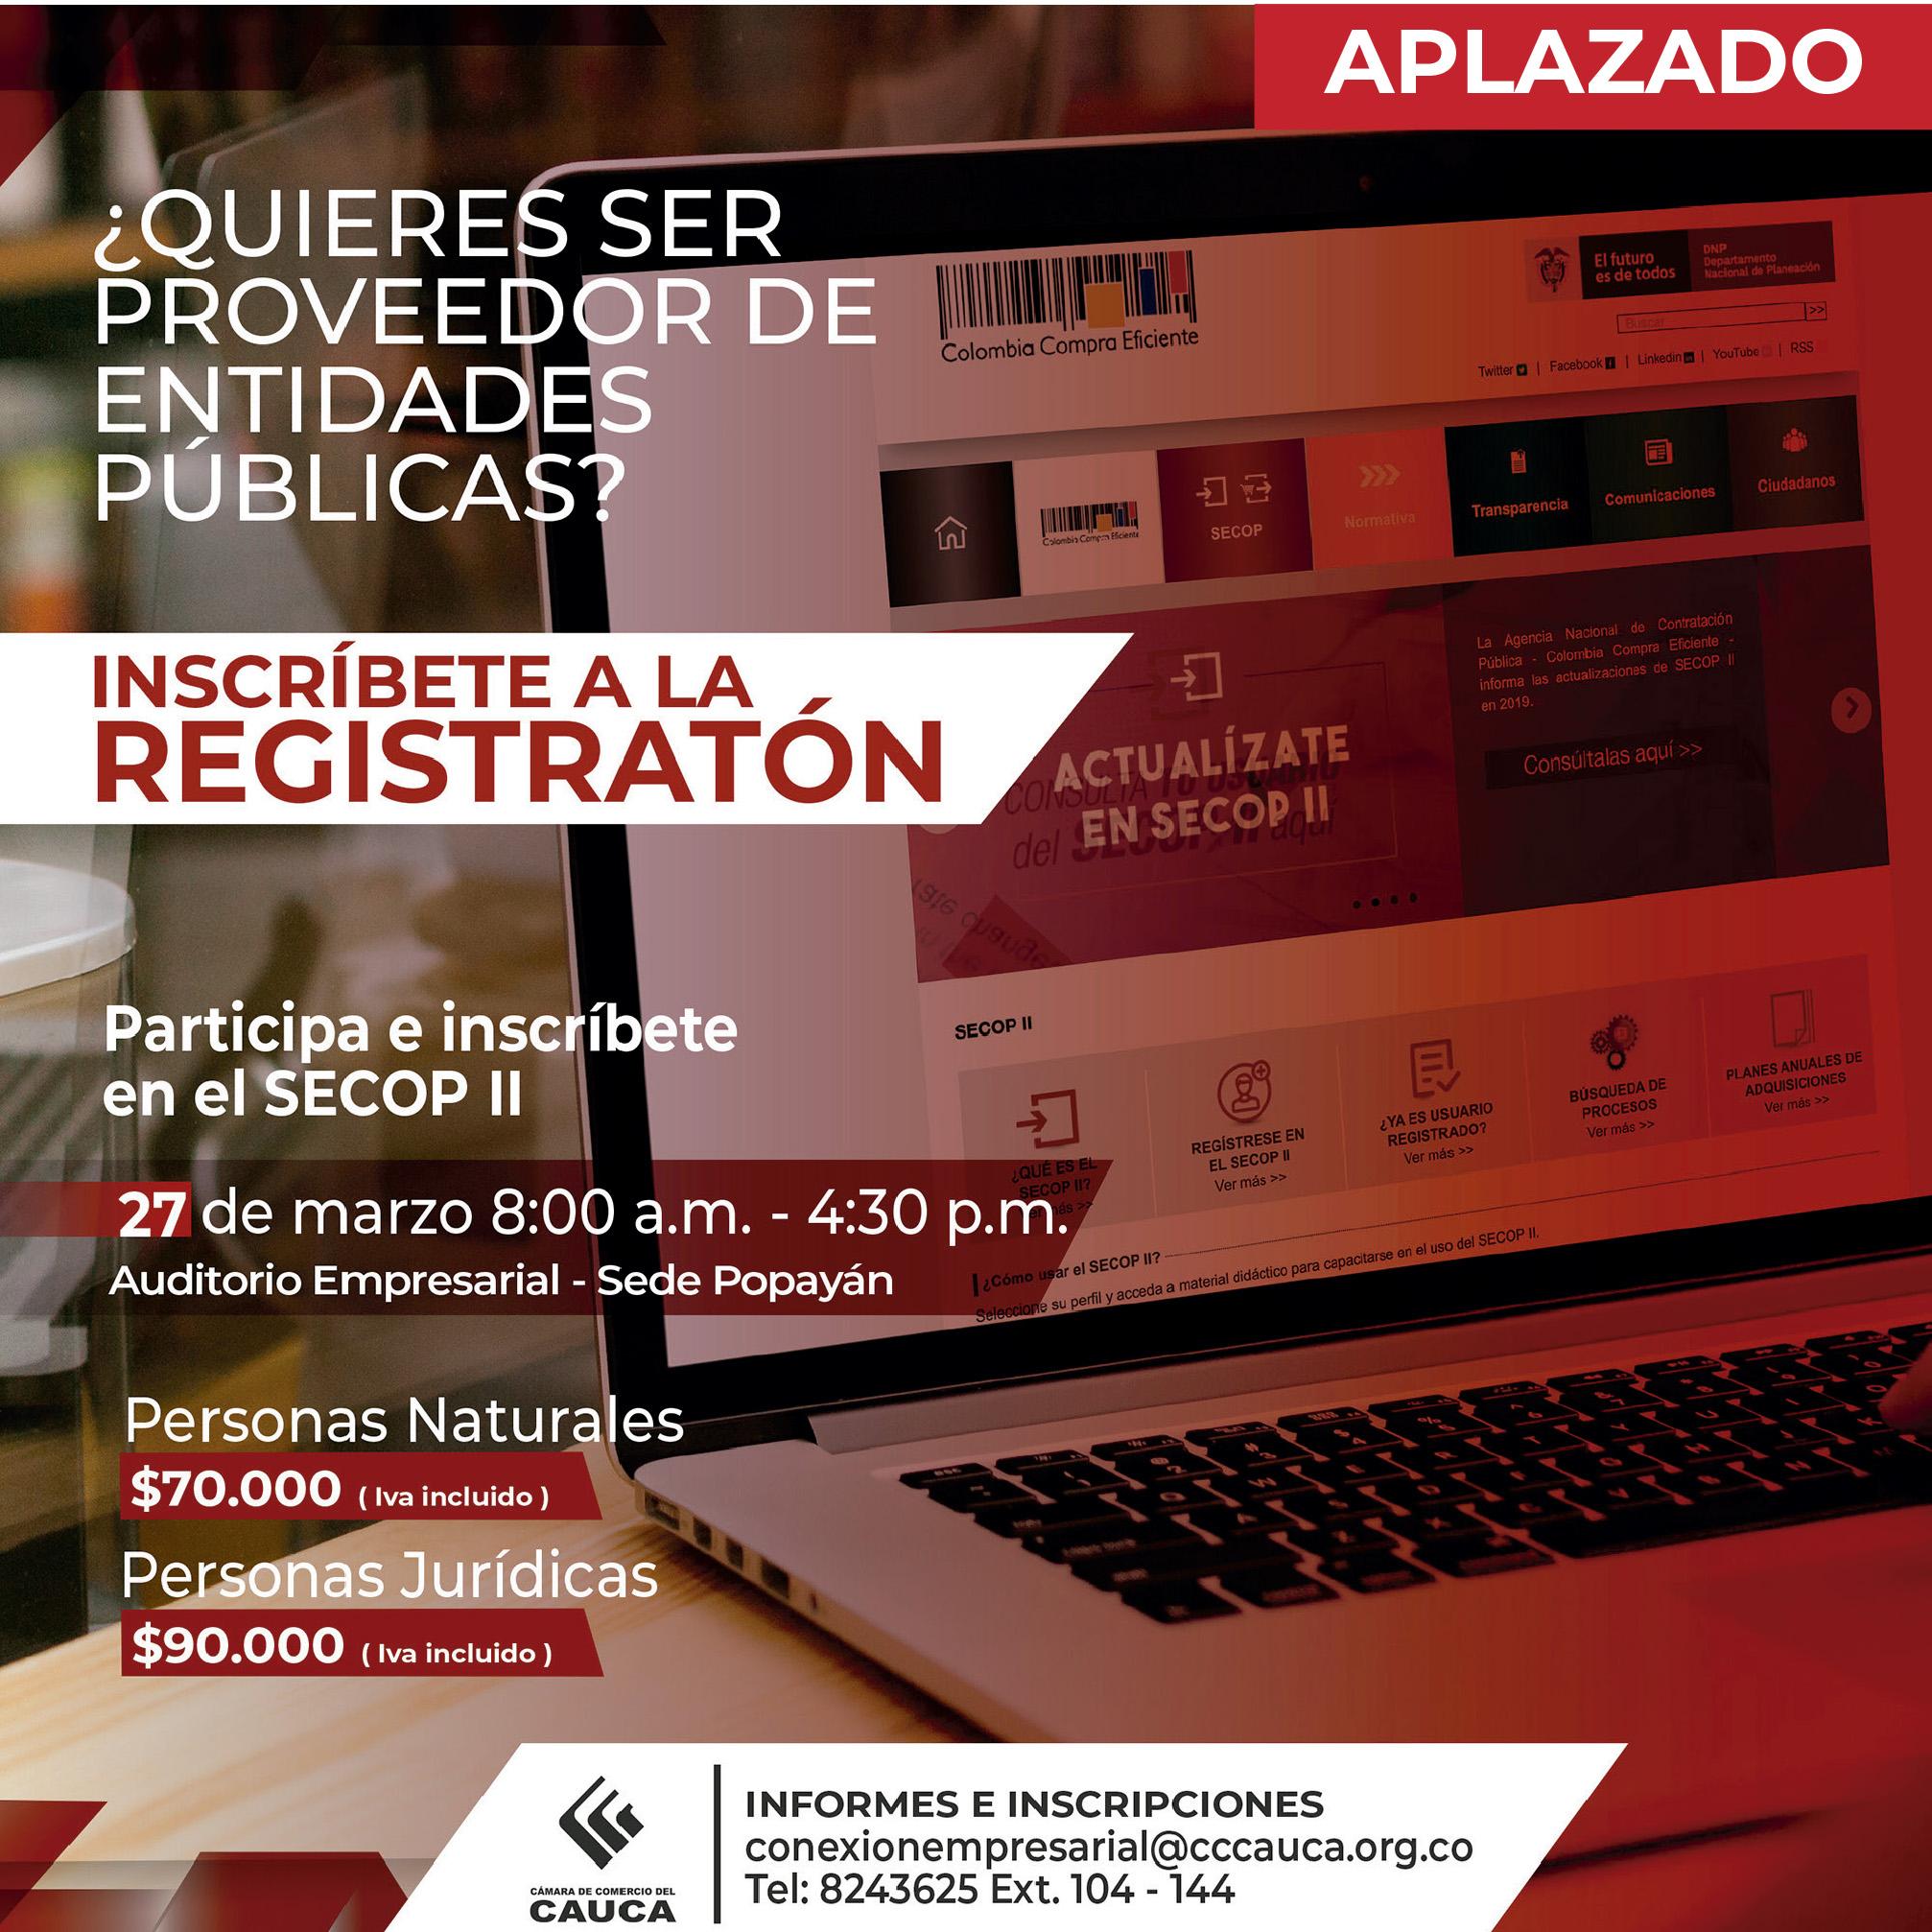 Inscripciones abiertas a la Registratón del Secop - Popayán